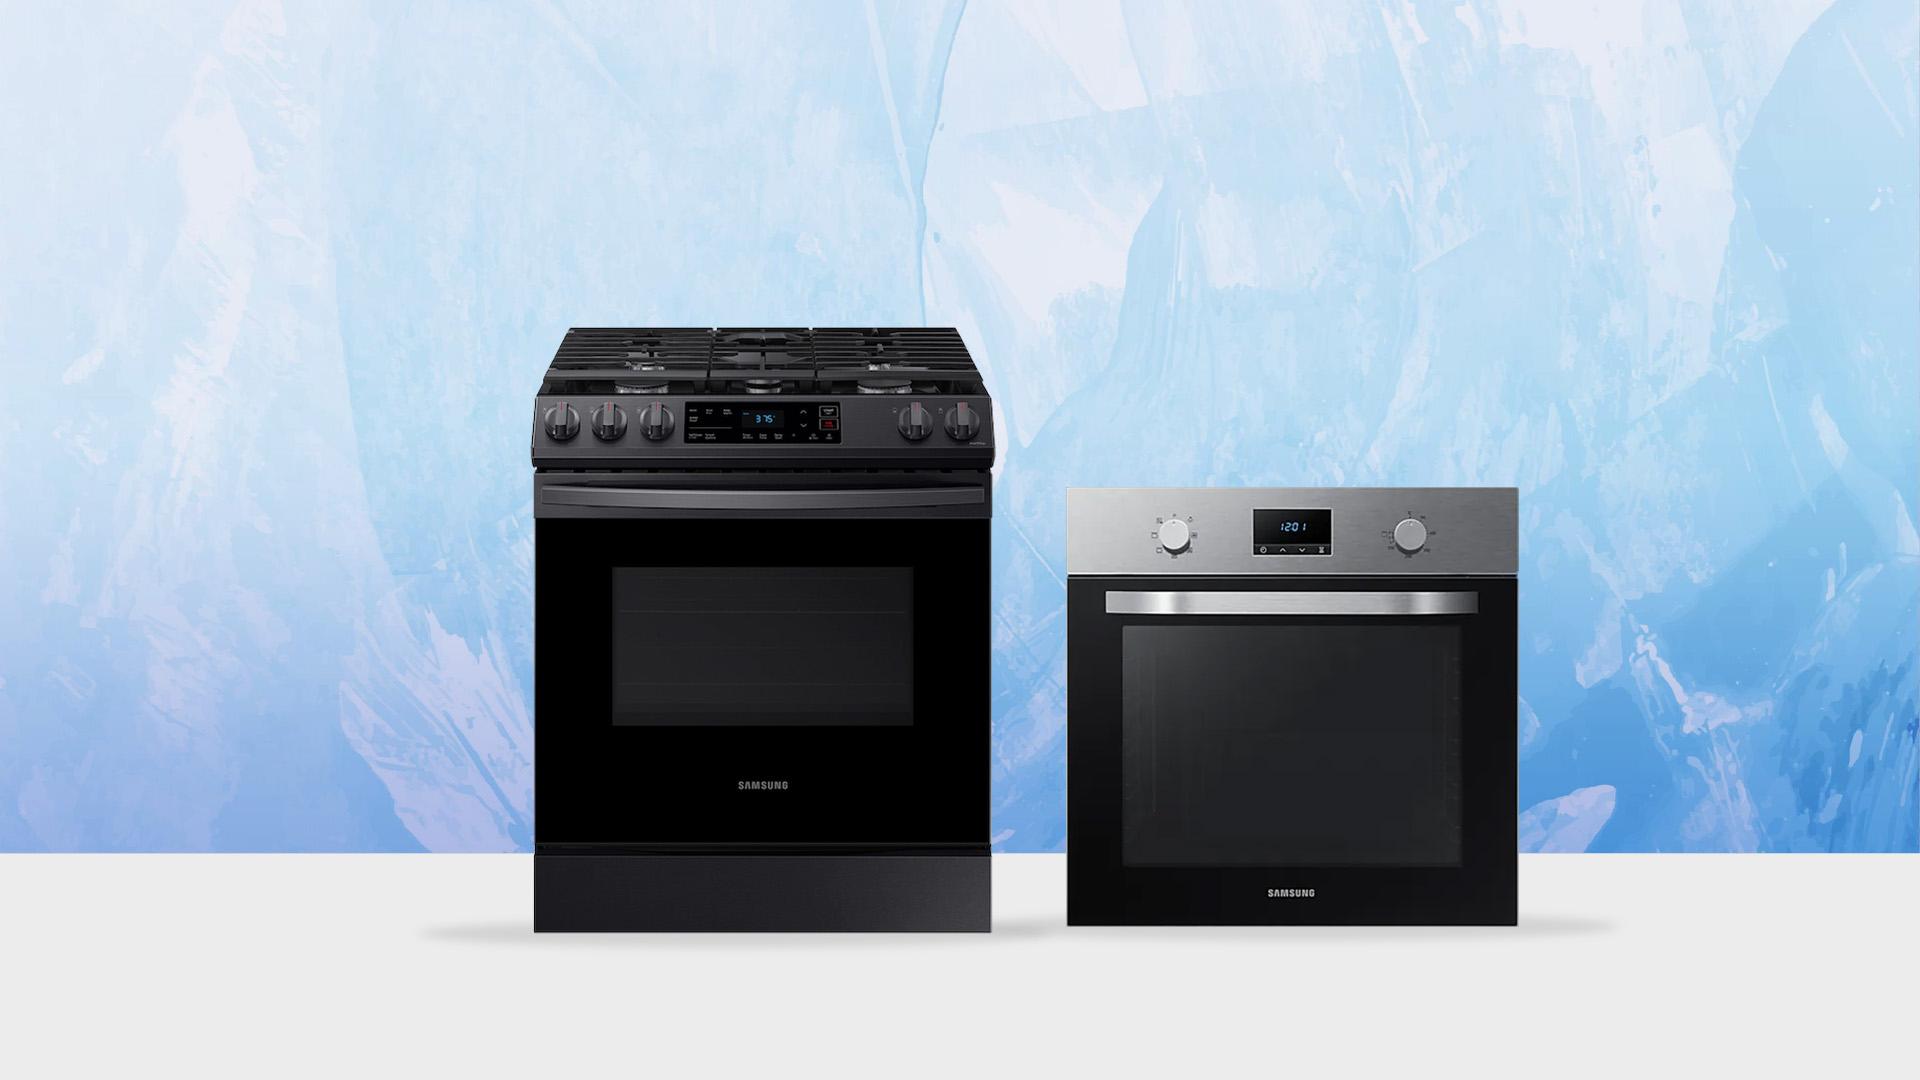 Samsung Certified Appliance Repair Oakland | Samsung Appliance Repair